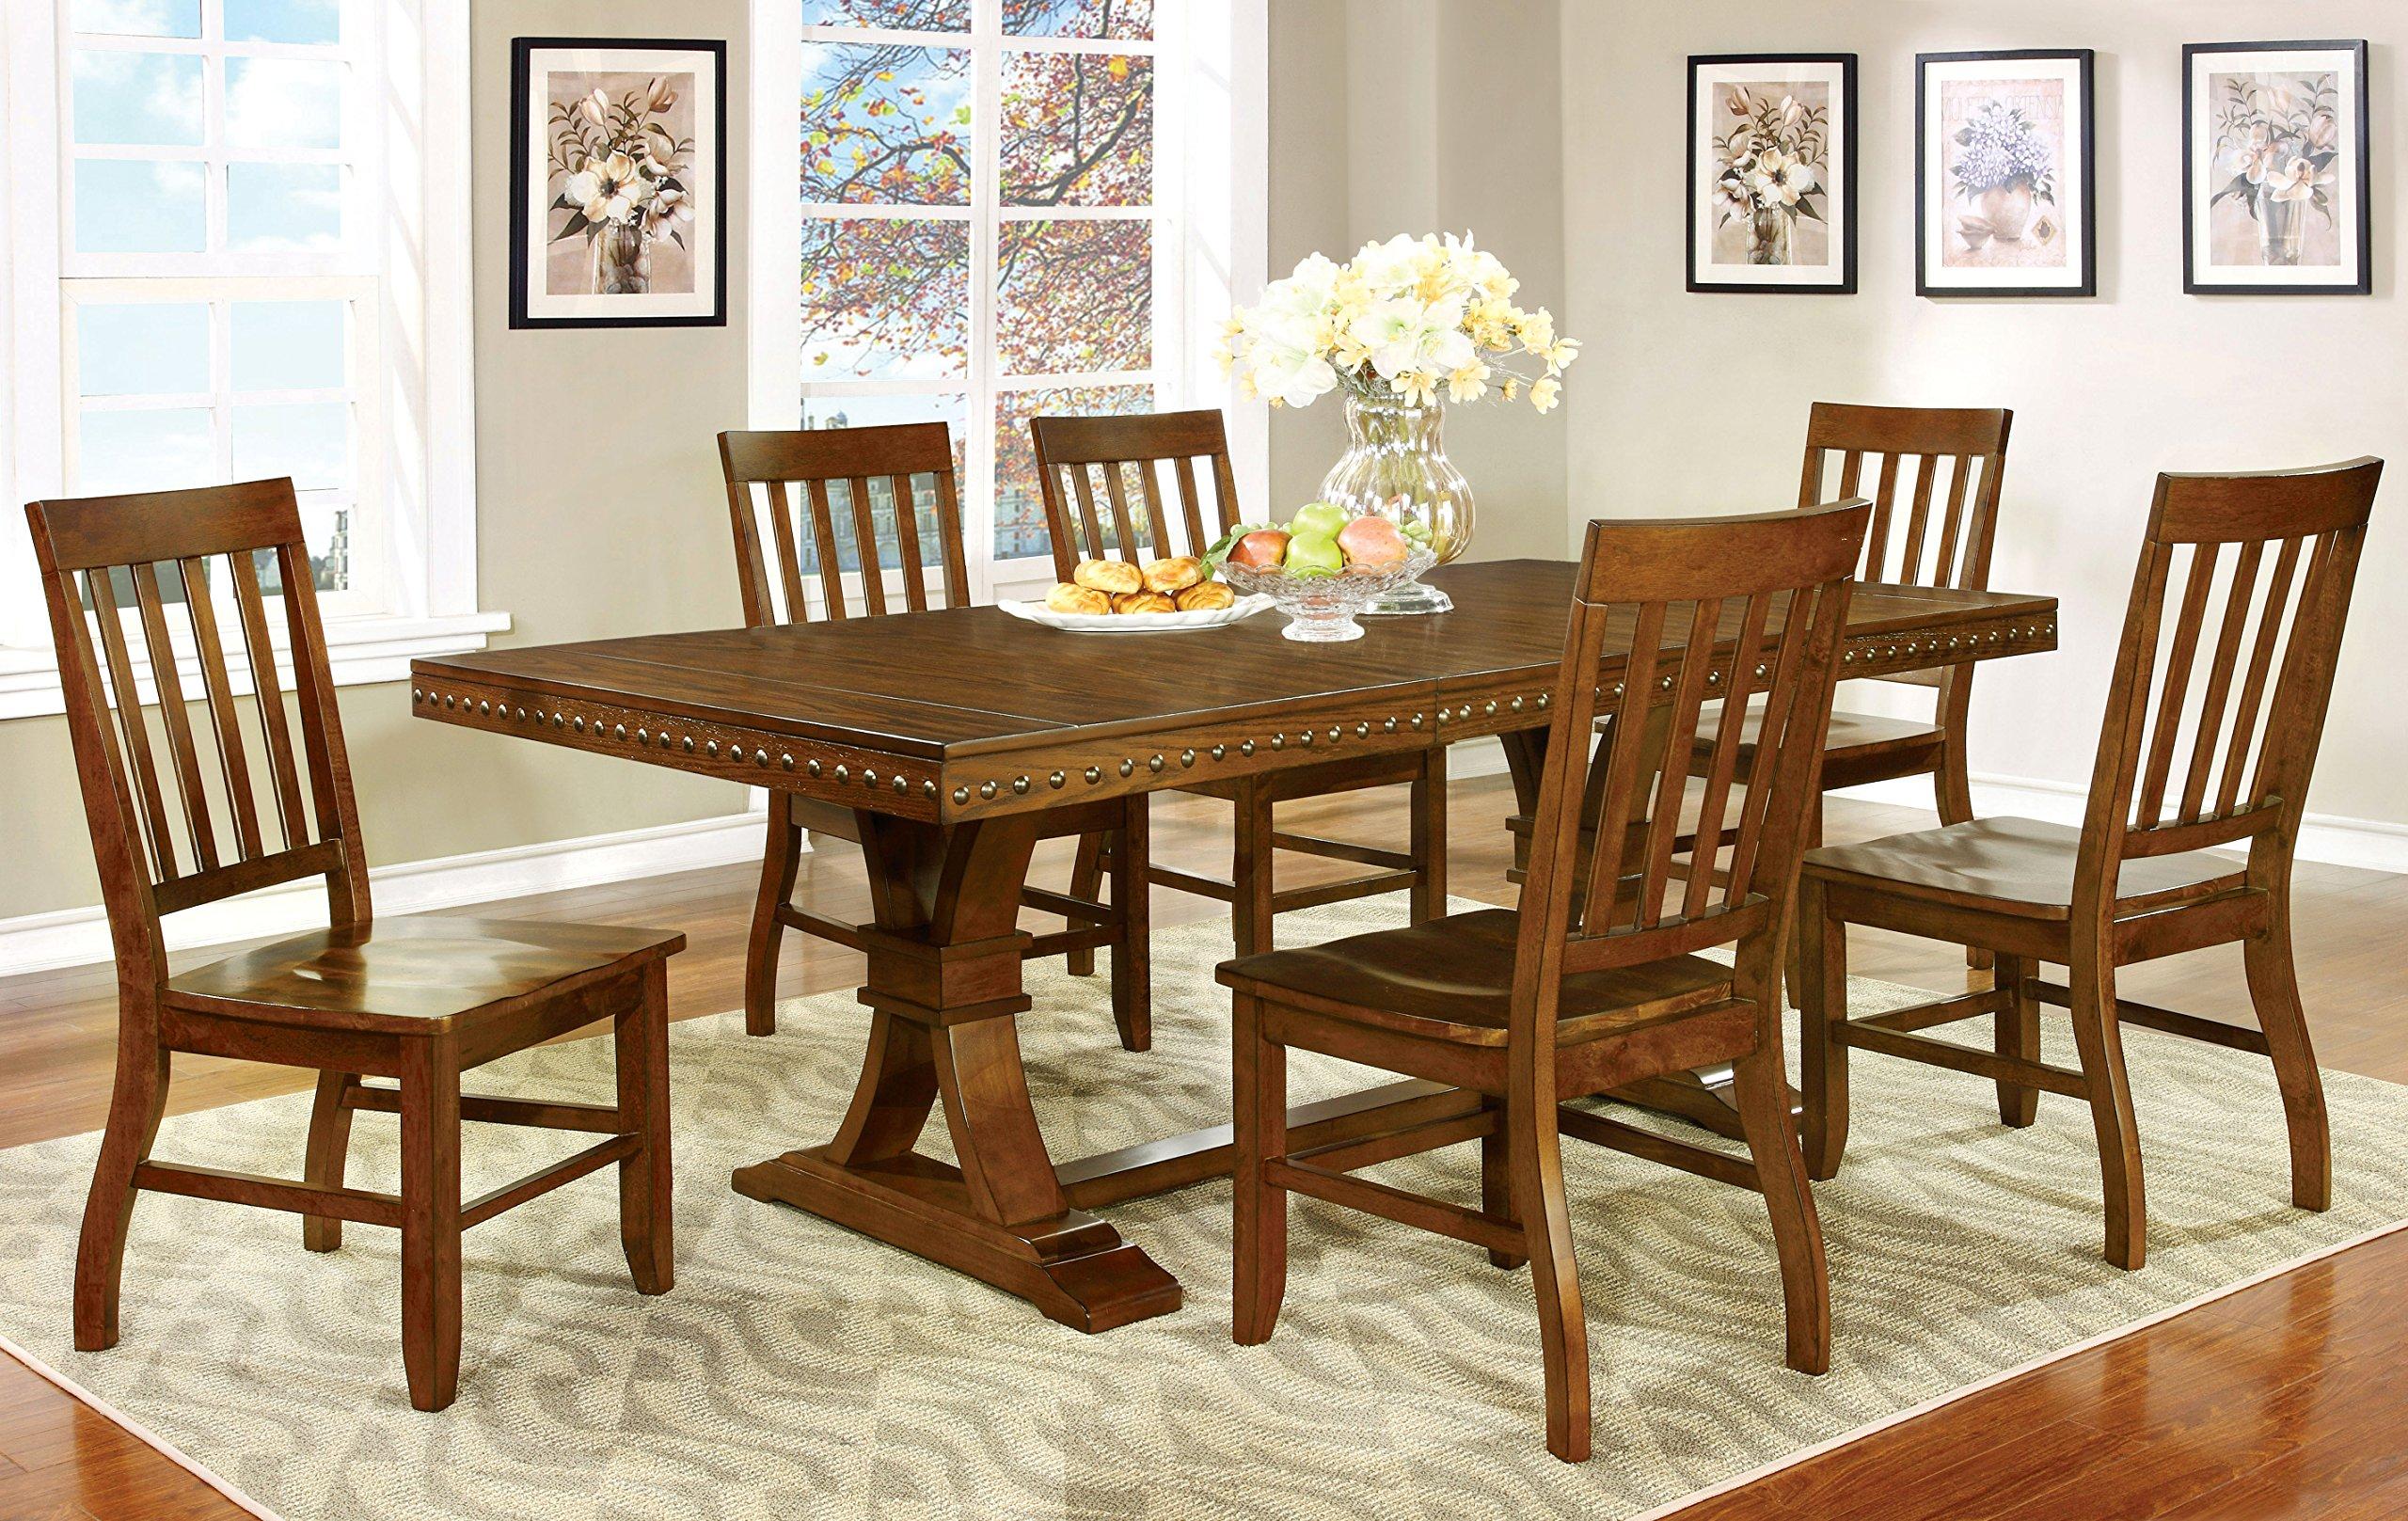 Furniture of America Castile 7-Piece Transitional Dining Set, Dark Oak by Furniture of America